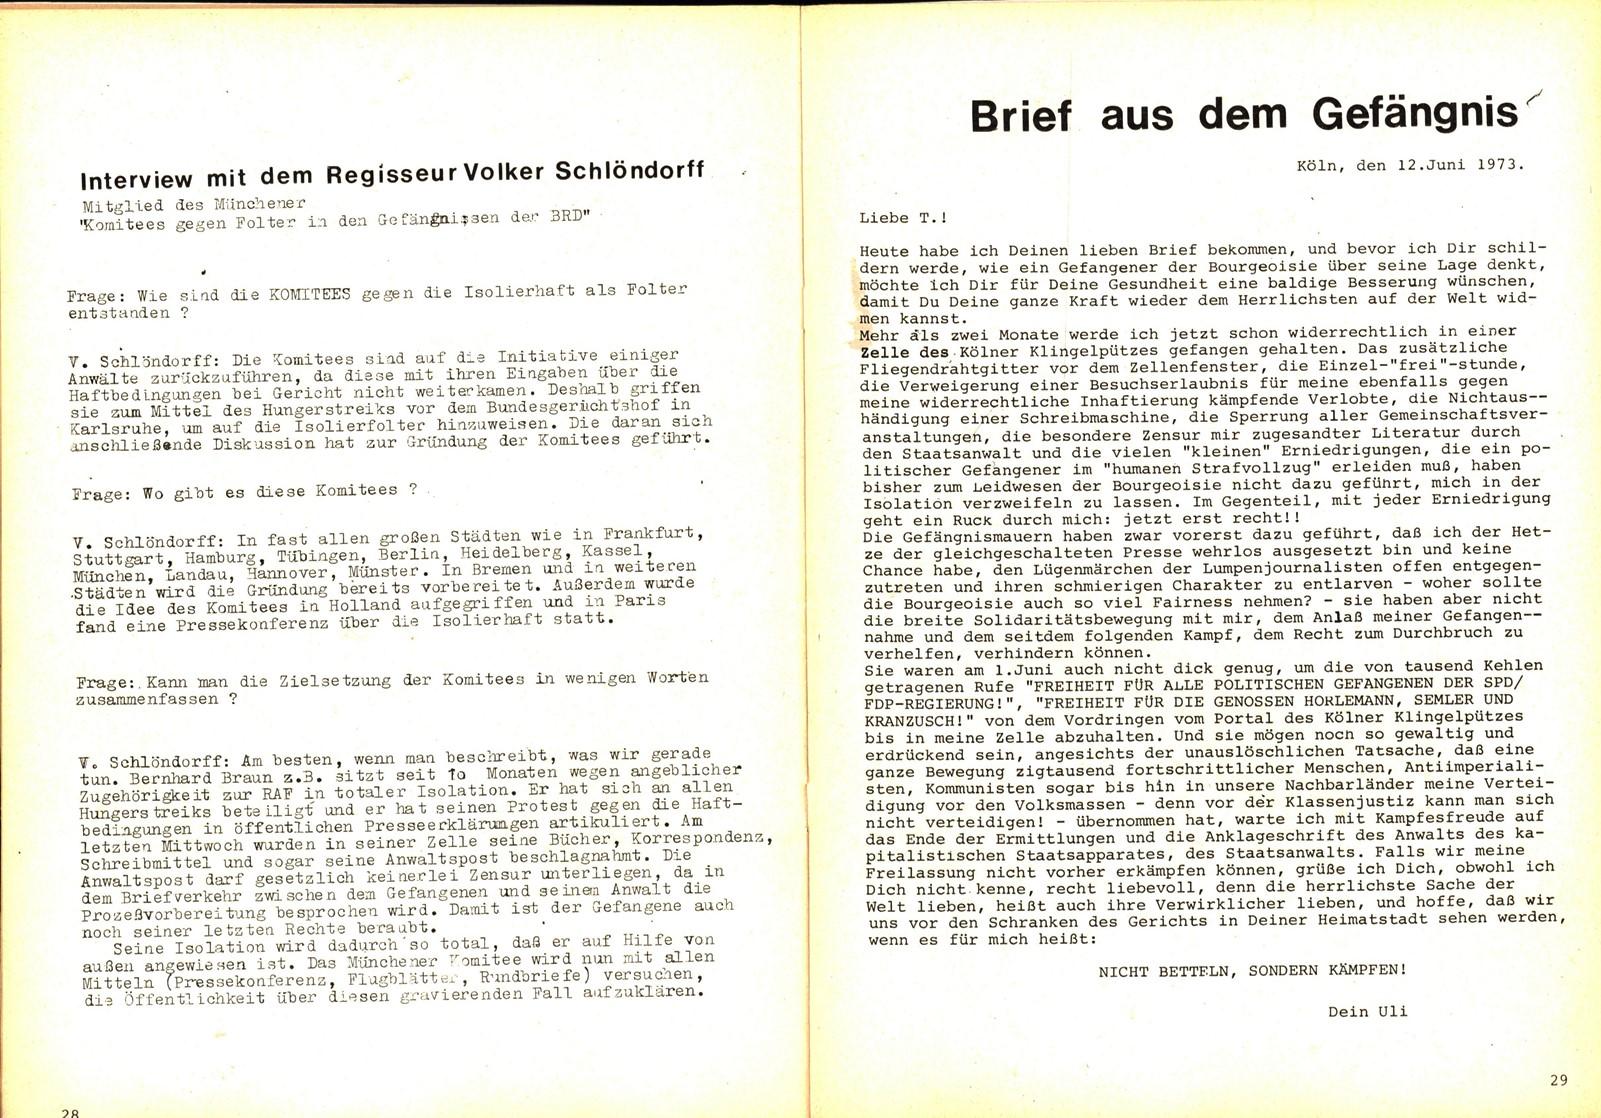 Komitee_Haende_weg_von_der_KPD_1973_Freiheit_fuer_Uli_Kranzusch_16